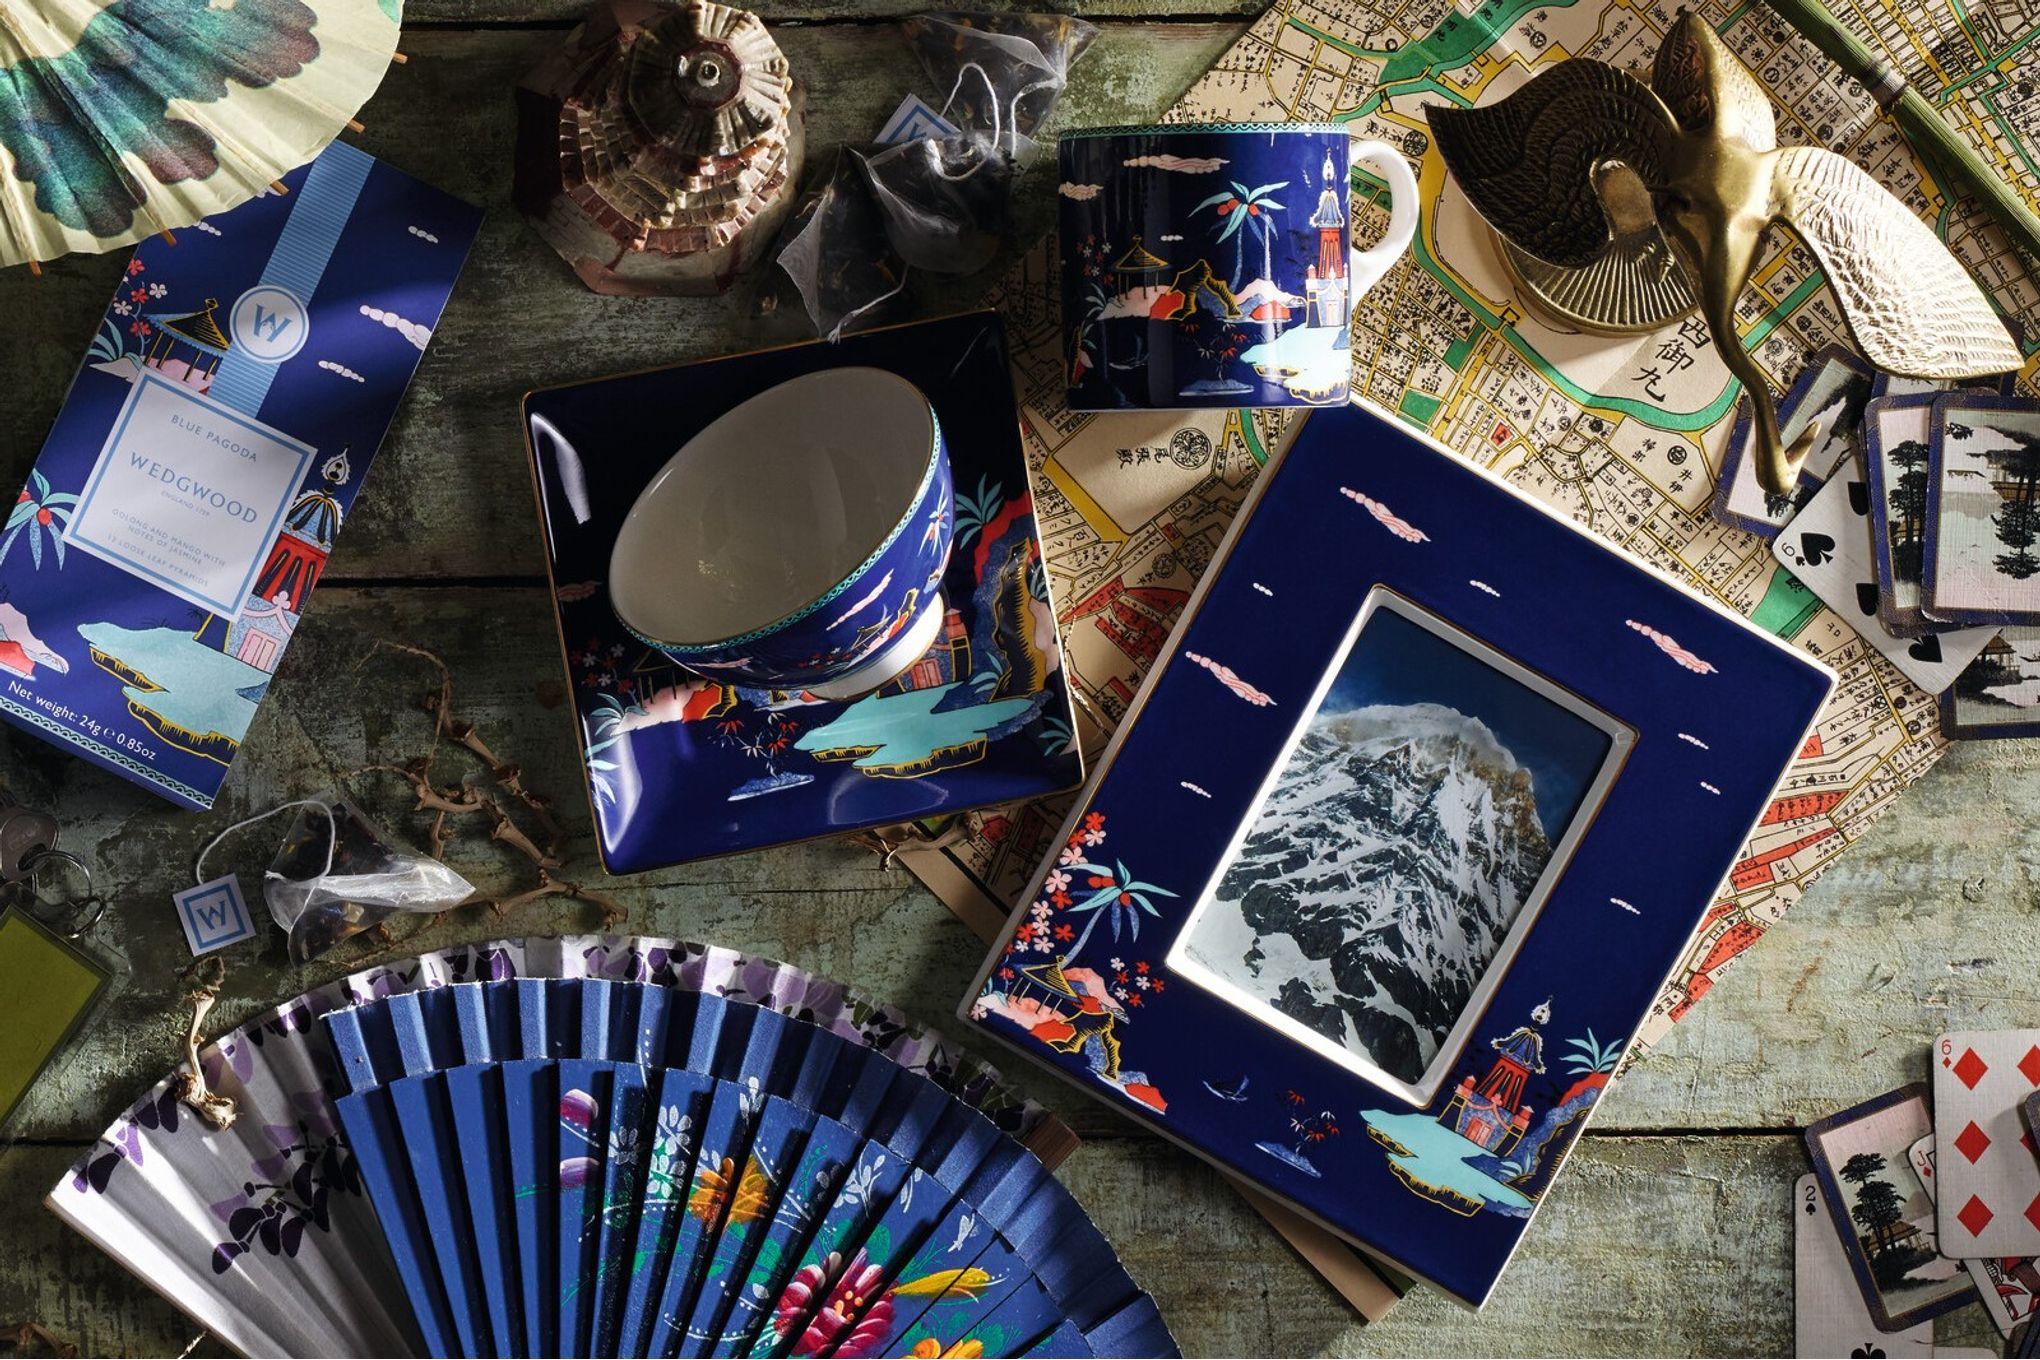 Wedgwood Wonderlust Keyring Blue Pagoda - Boxed thumb 3